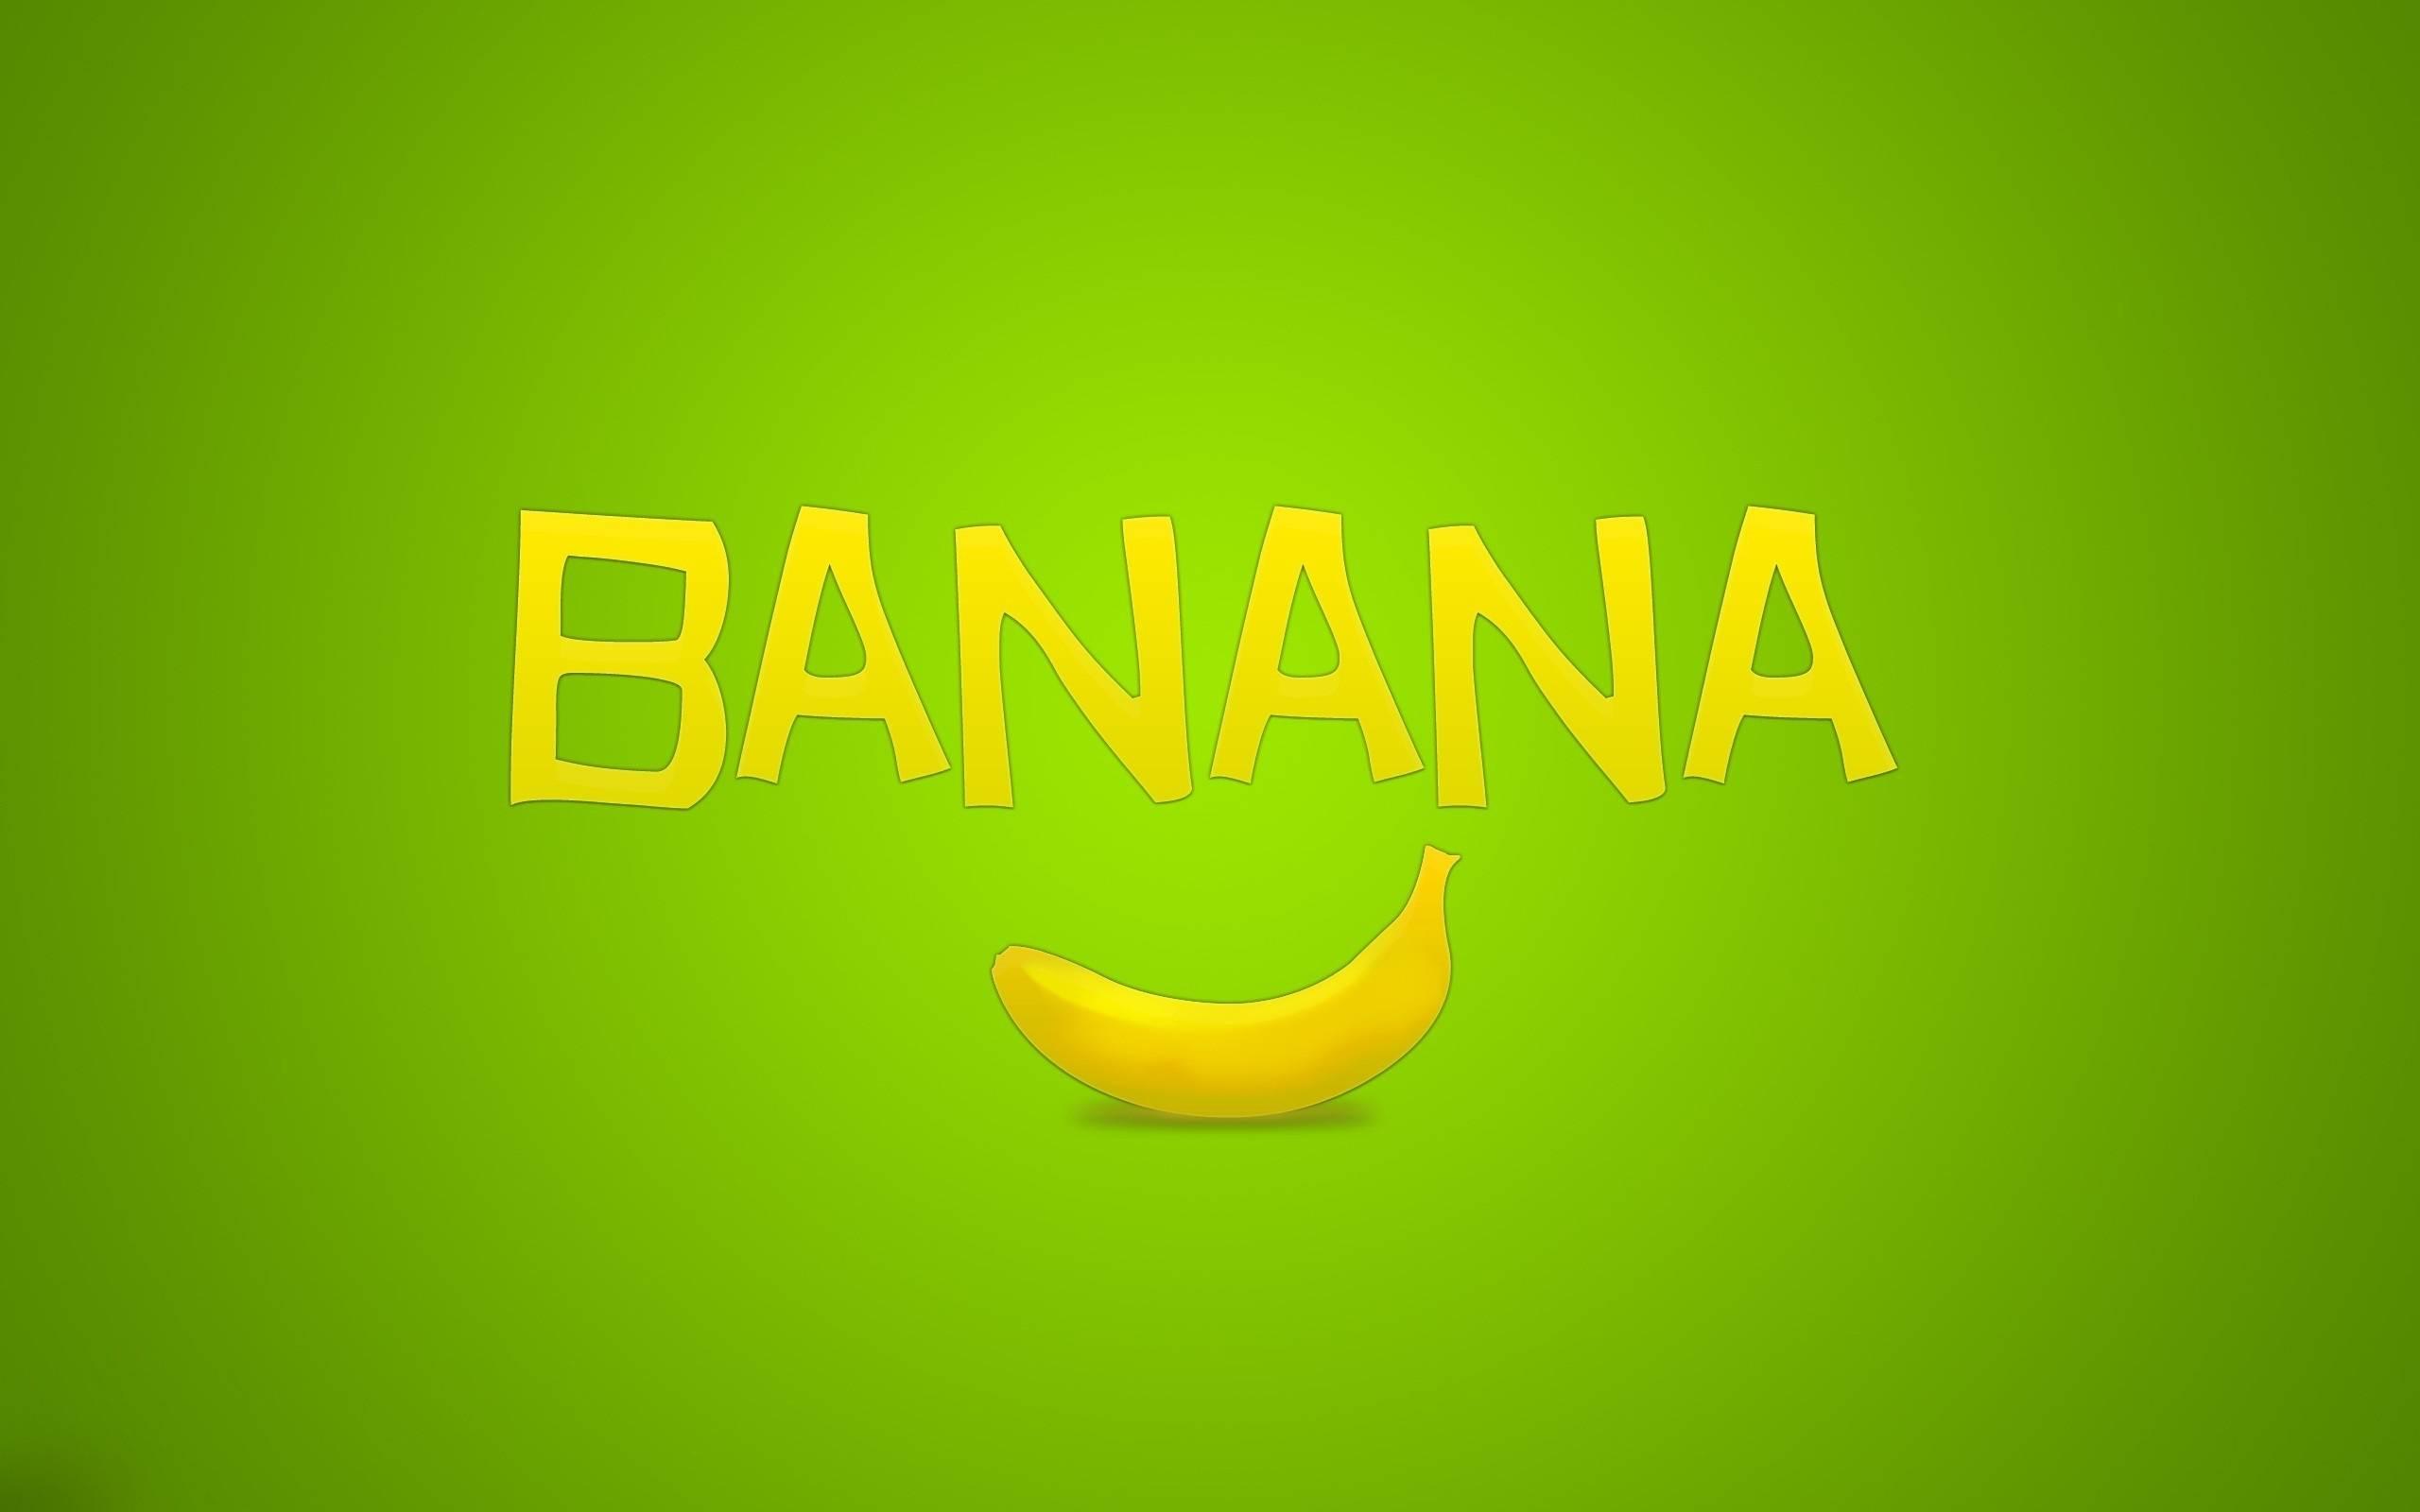 обои рисунок, банан, надпись, banana картинки фото